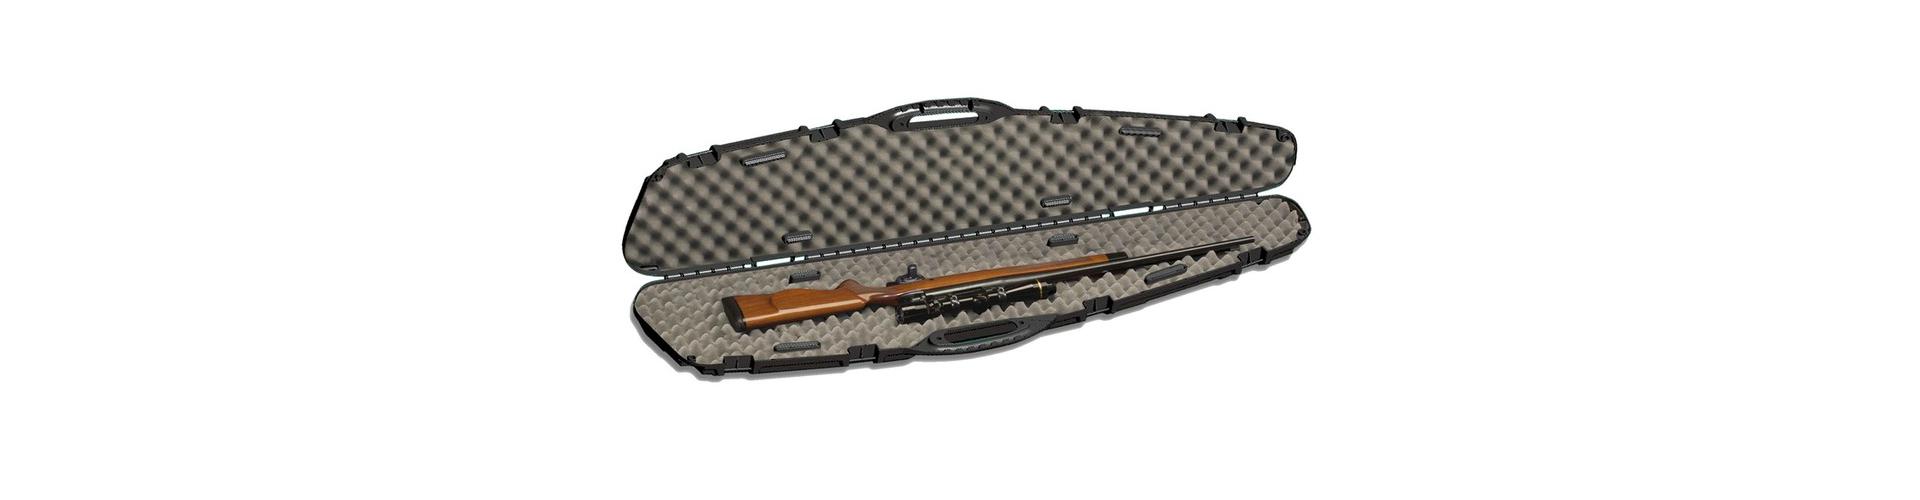 Våbenkuffert og Foderal | Køb bl.a. Riffelfoderal Online Her